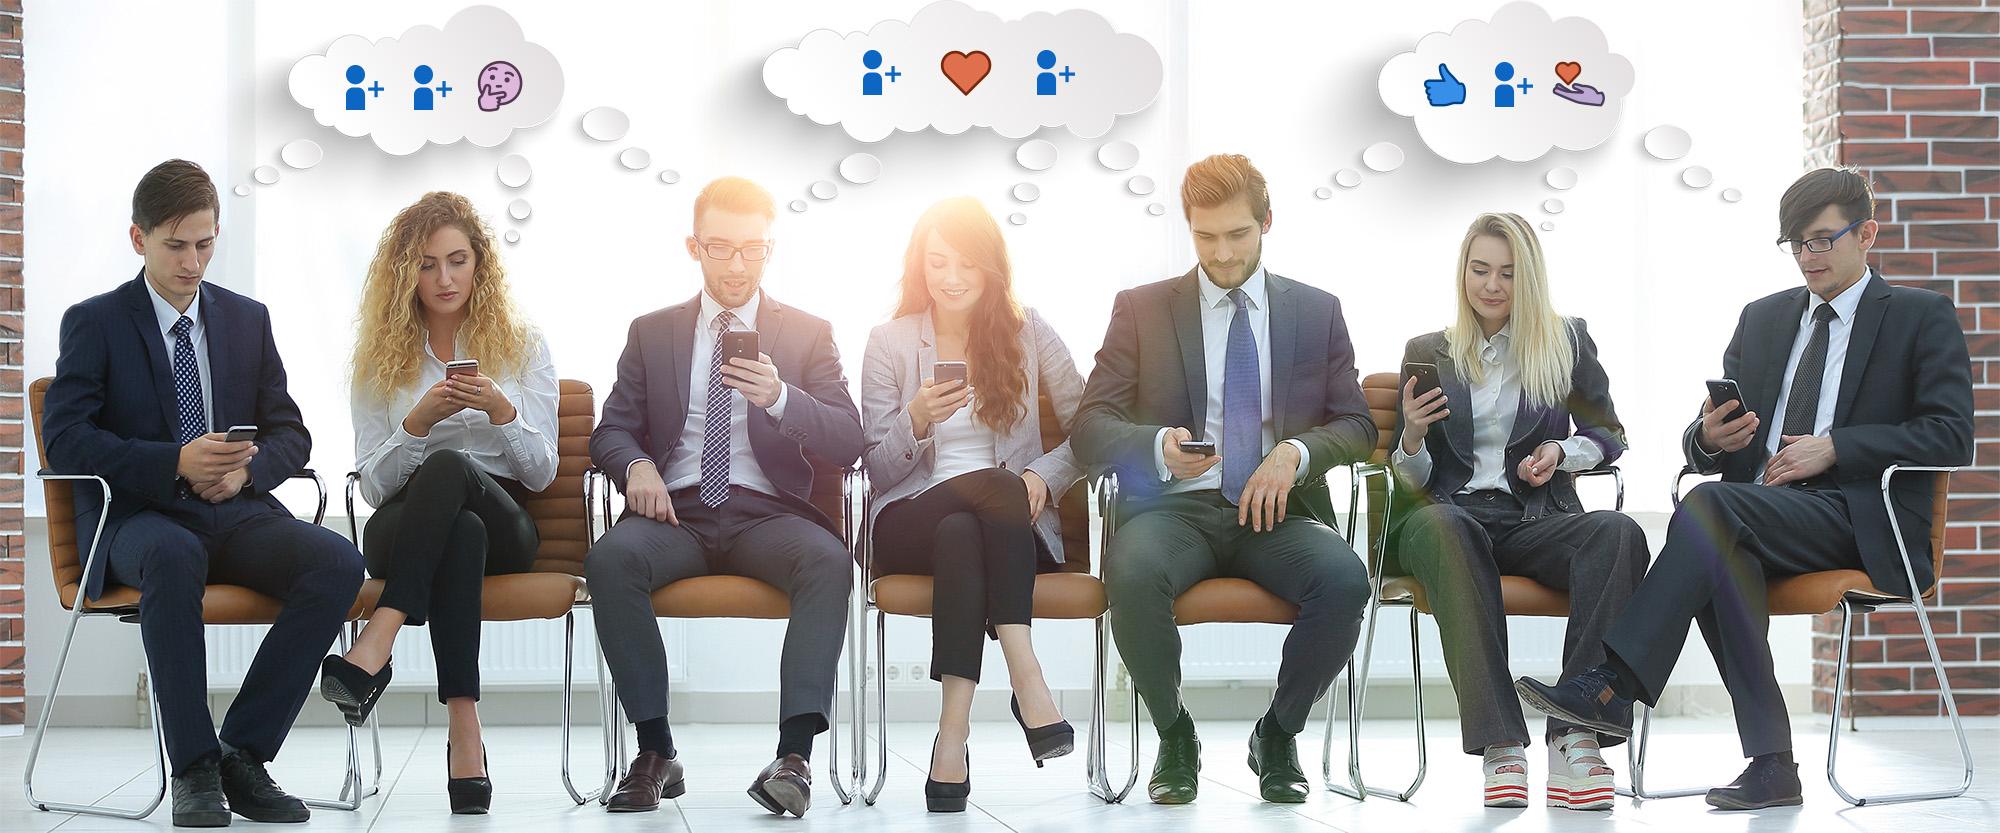 Onlinekurs Nätverka på LinkedIn